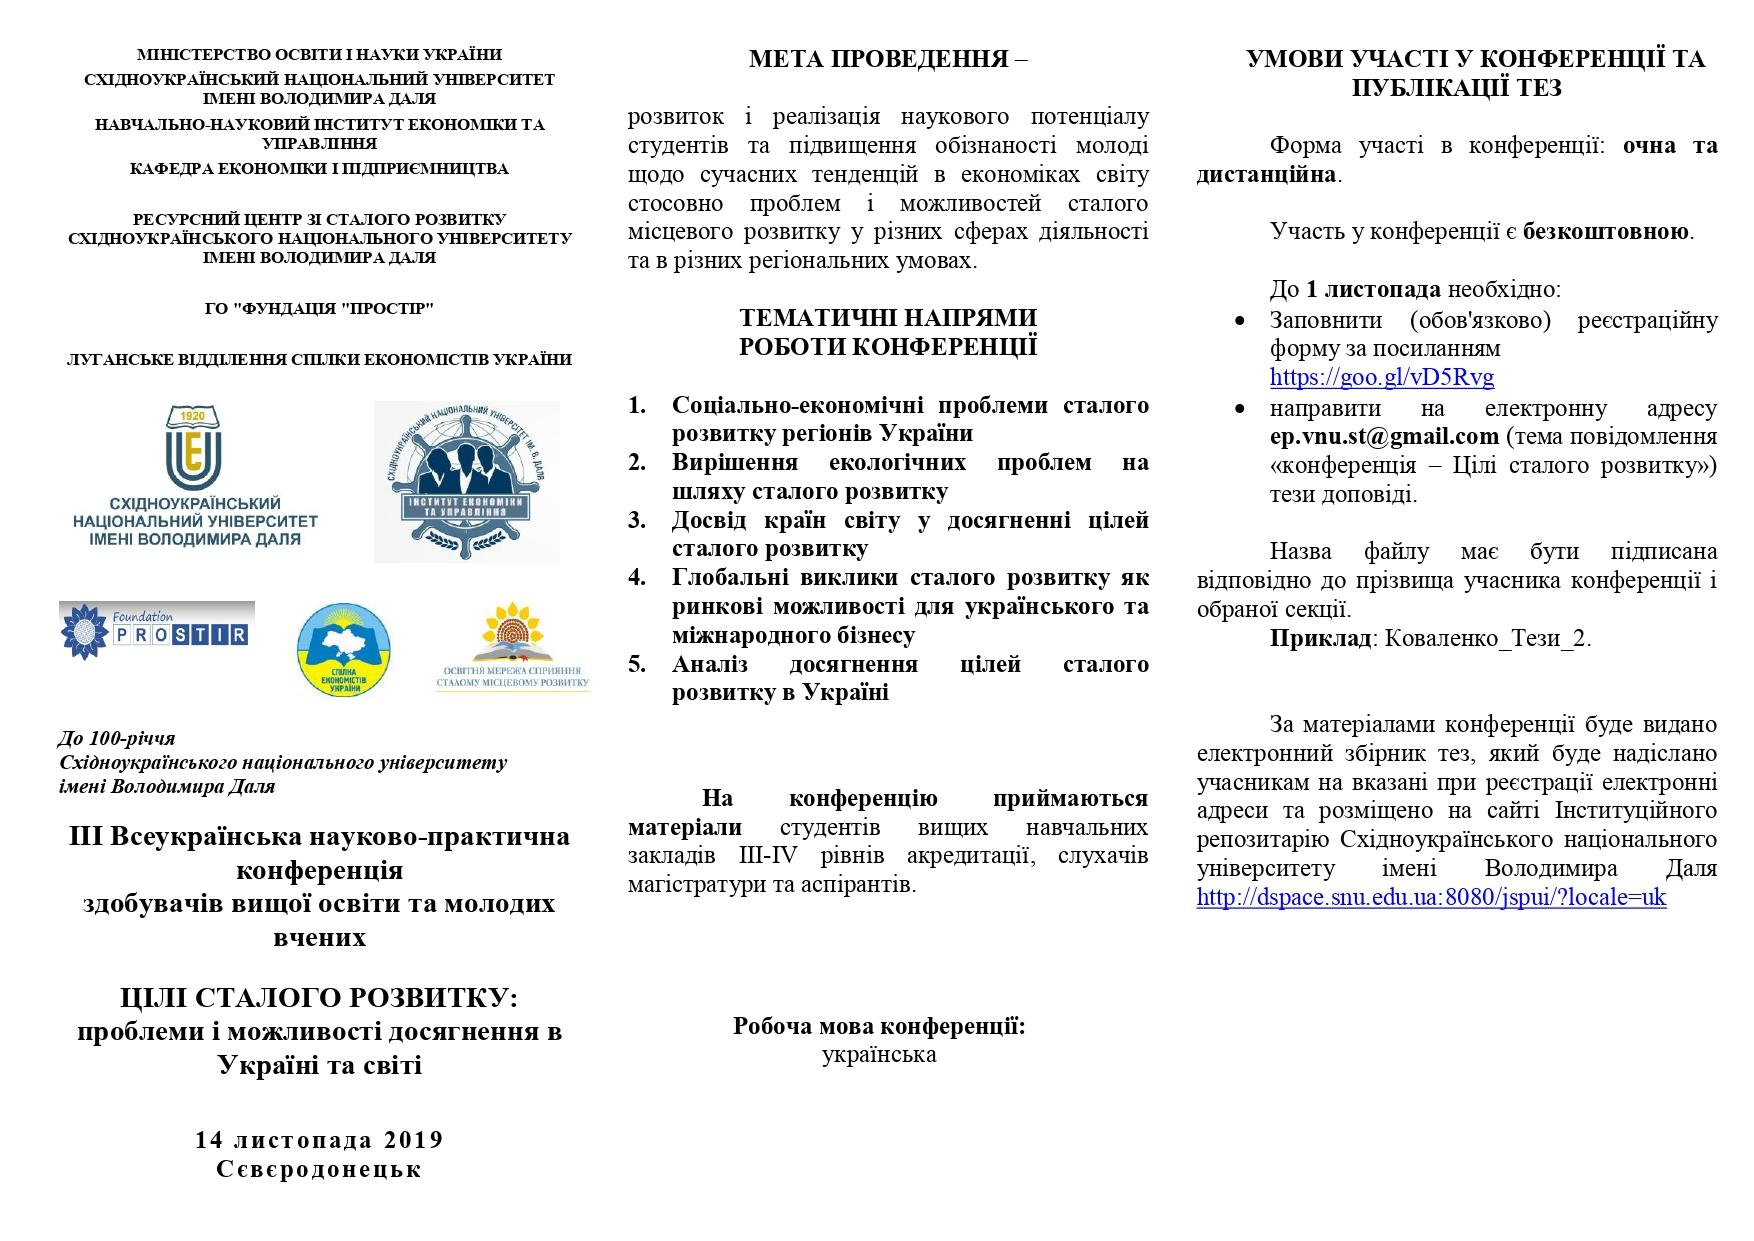 Запрошуємо взяти участь у ІІІ Всеукраїнській науково-практичній конференції!